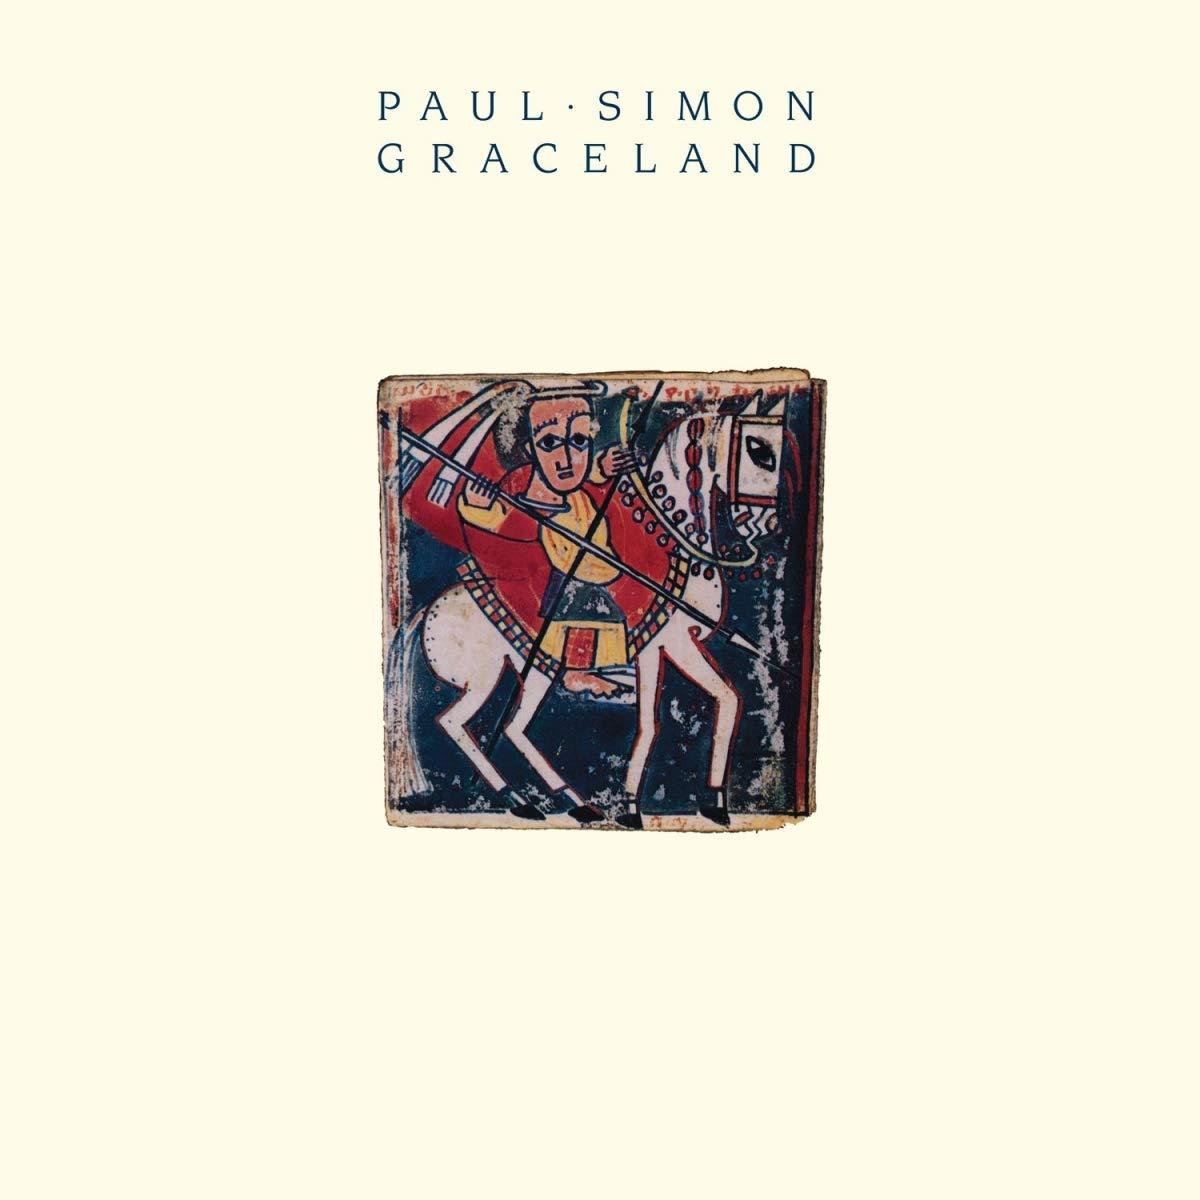 Paul Simon - Graceland [LP]